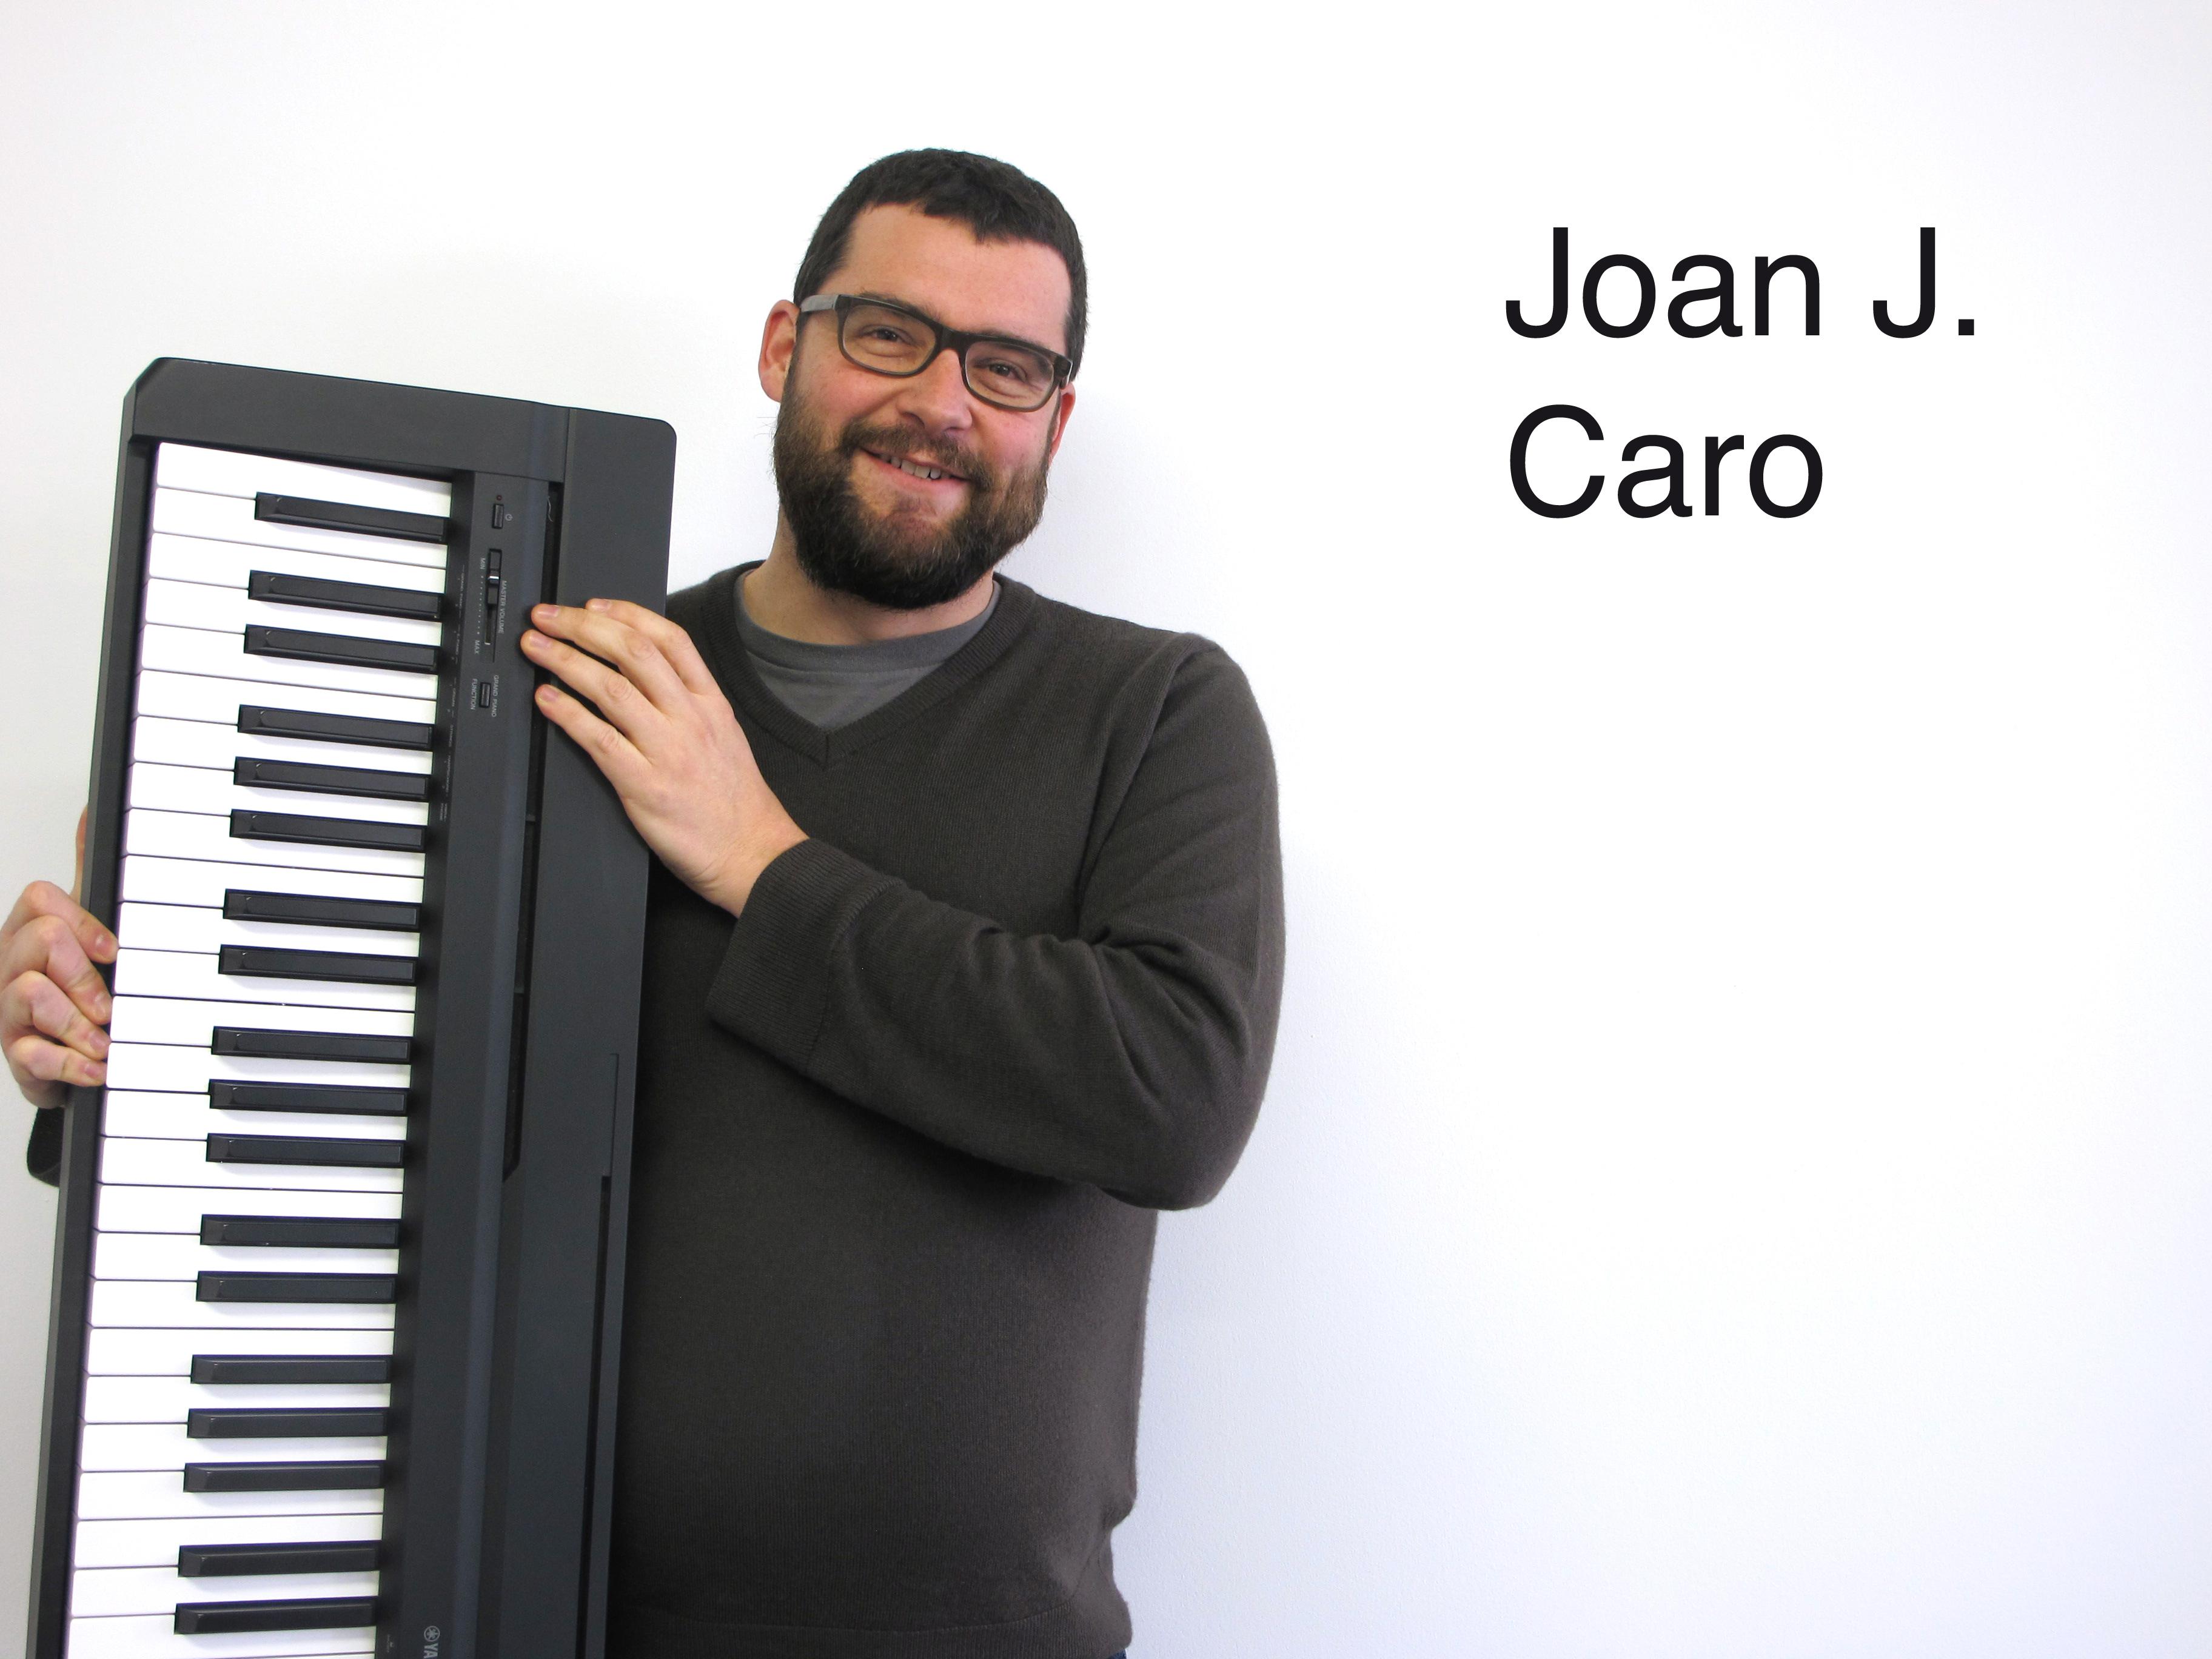 Joan J. Caro